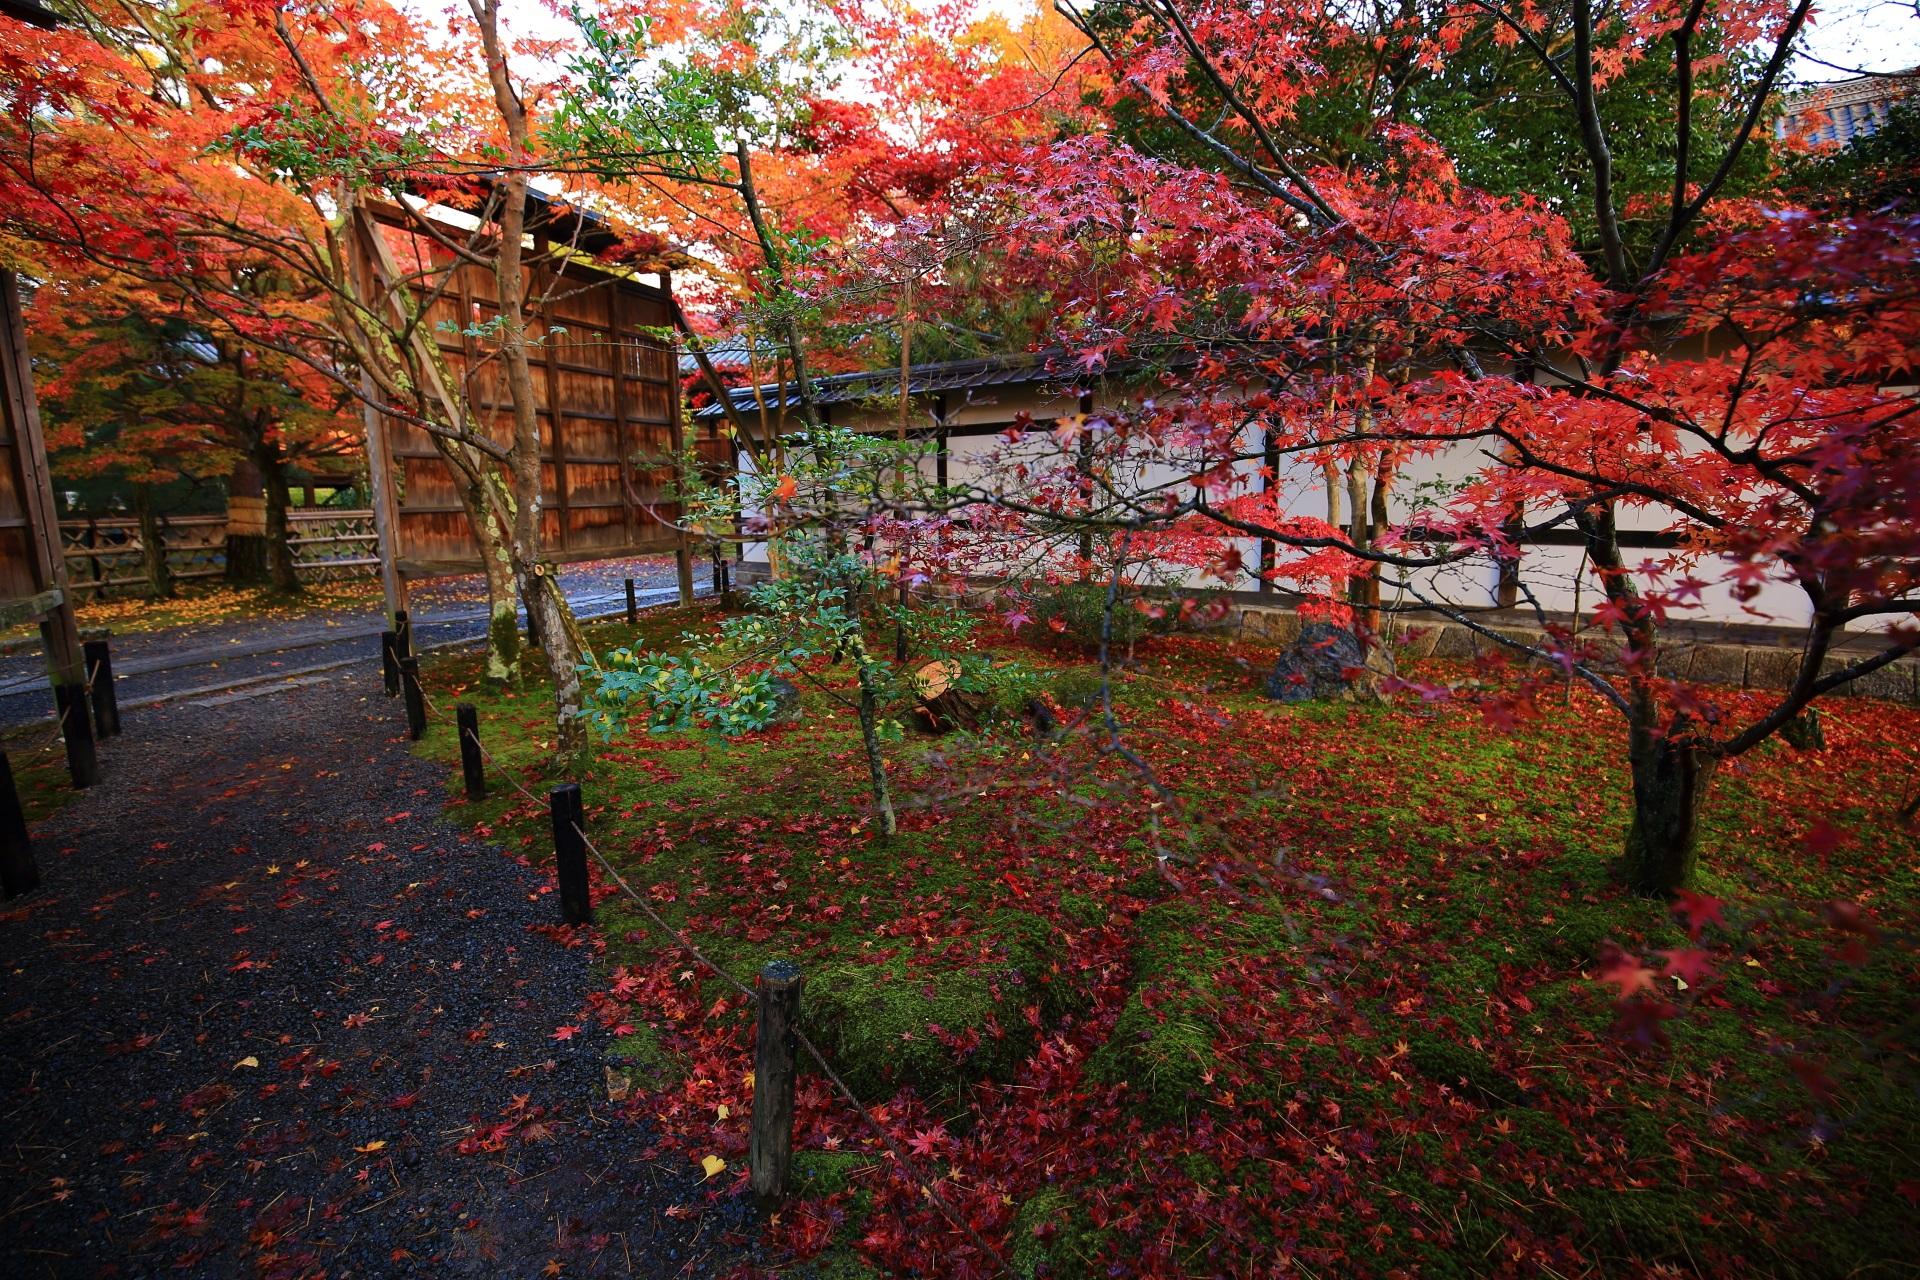 方丈庭園や書院前あたりの見事な秋色の空間